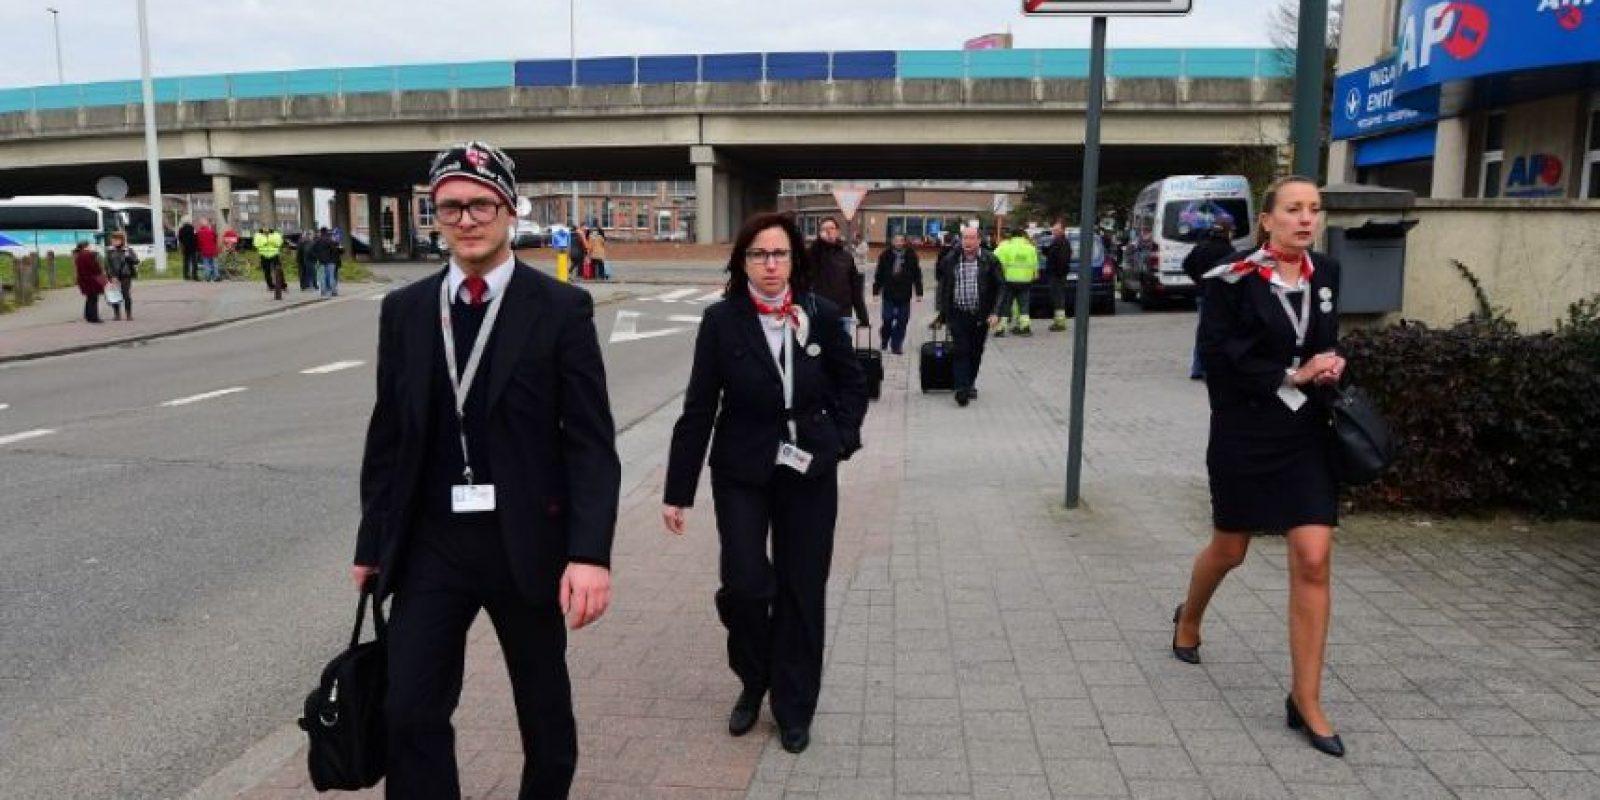 El primero de los ataques se ha producido en el principal aeropuerto de Bélgica, Bruselas-Zaventem. Foto:AFP